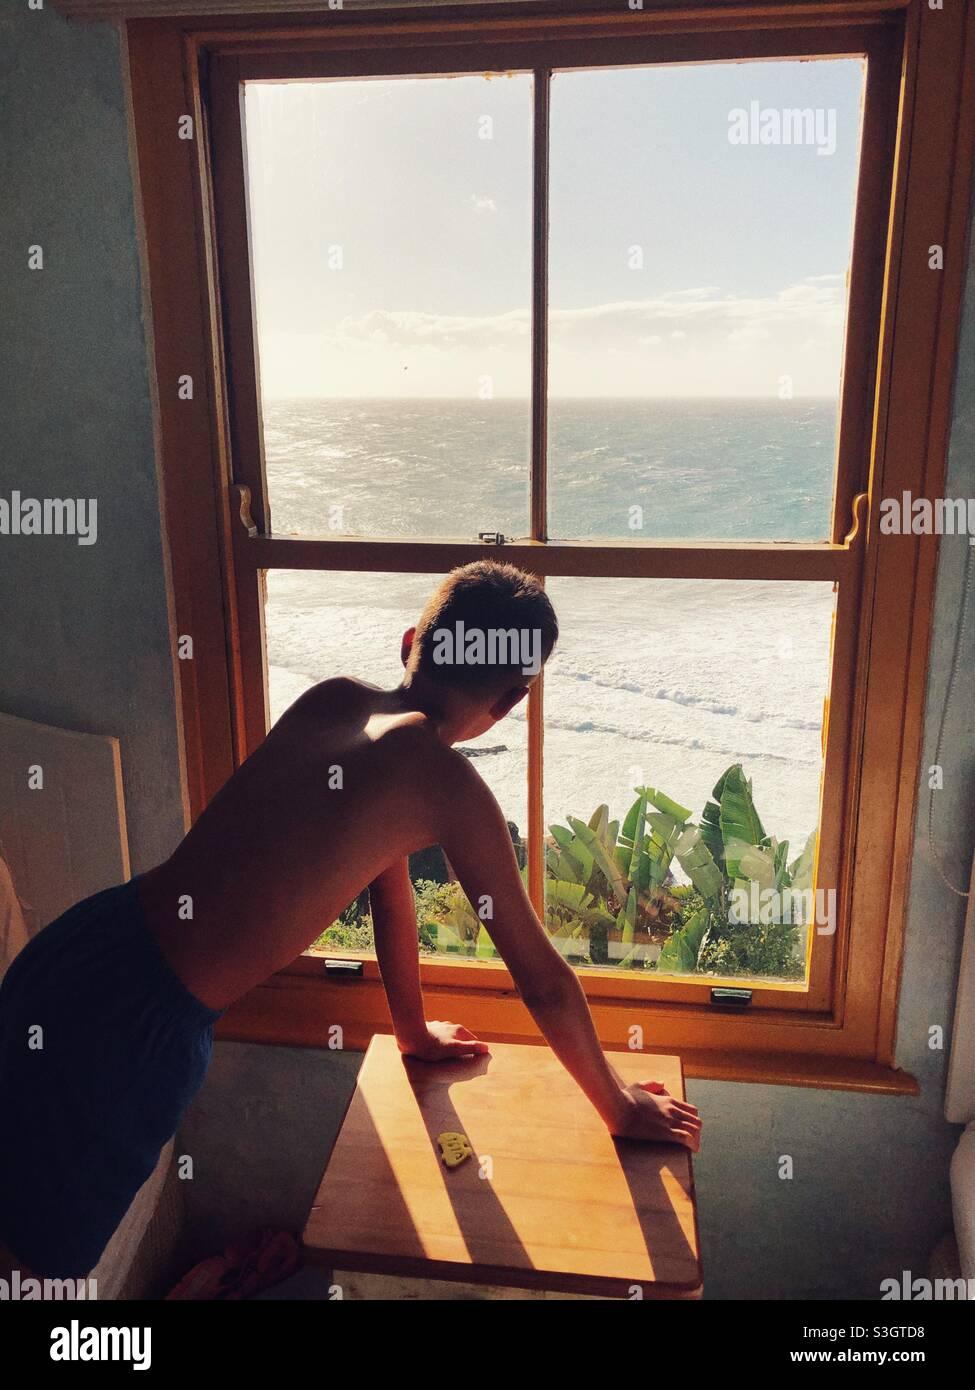 Ein kleiner Junge, der aus dem Fenster auf den Sonnenaufgang über dem Indischen Ozean blickt Stockfoto